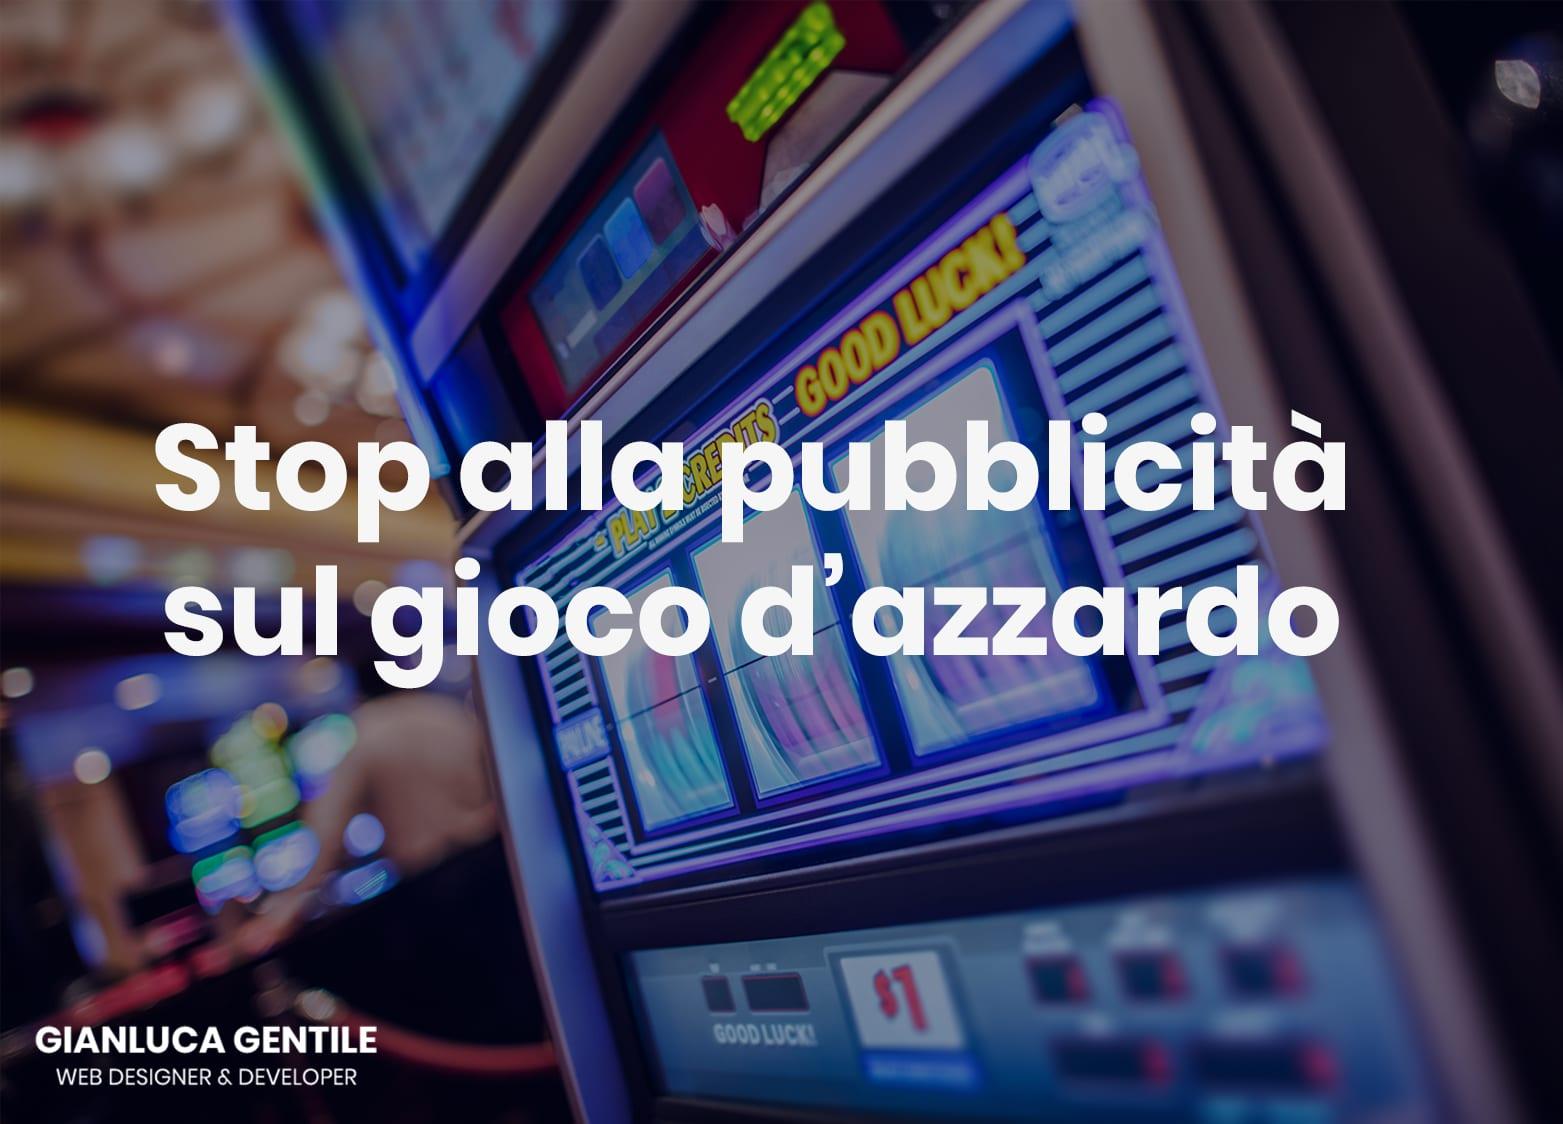 Gianluca Gentile Stop pubblicità gioco dazzardo molte le incongruenze 16 Agosto 2018